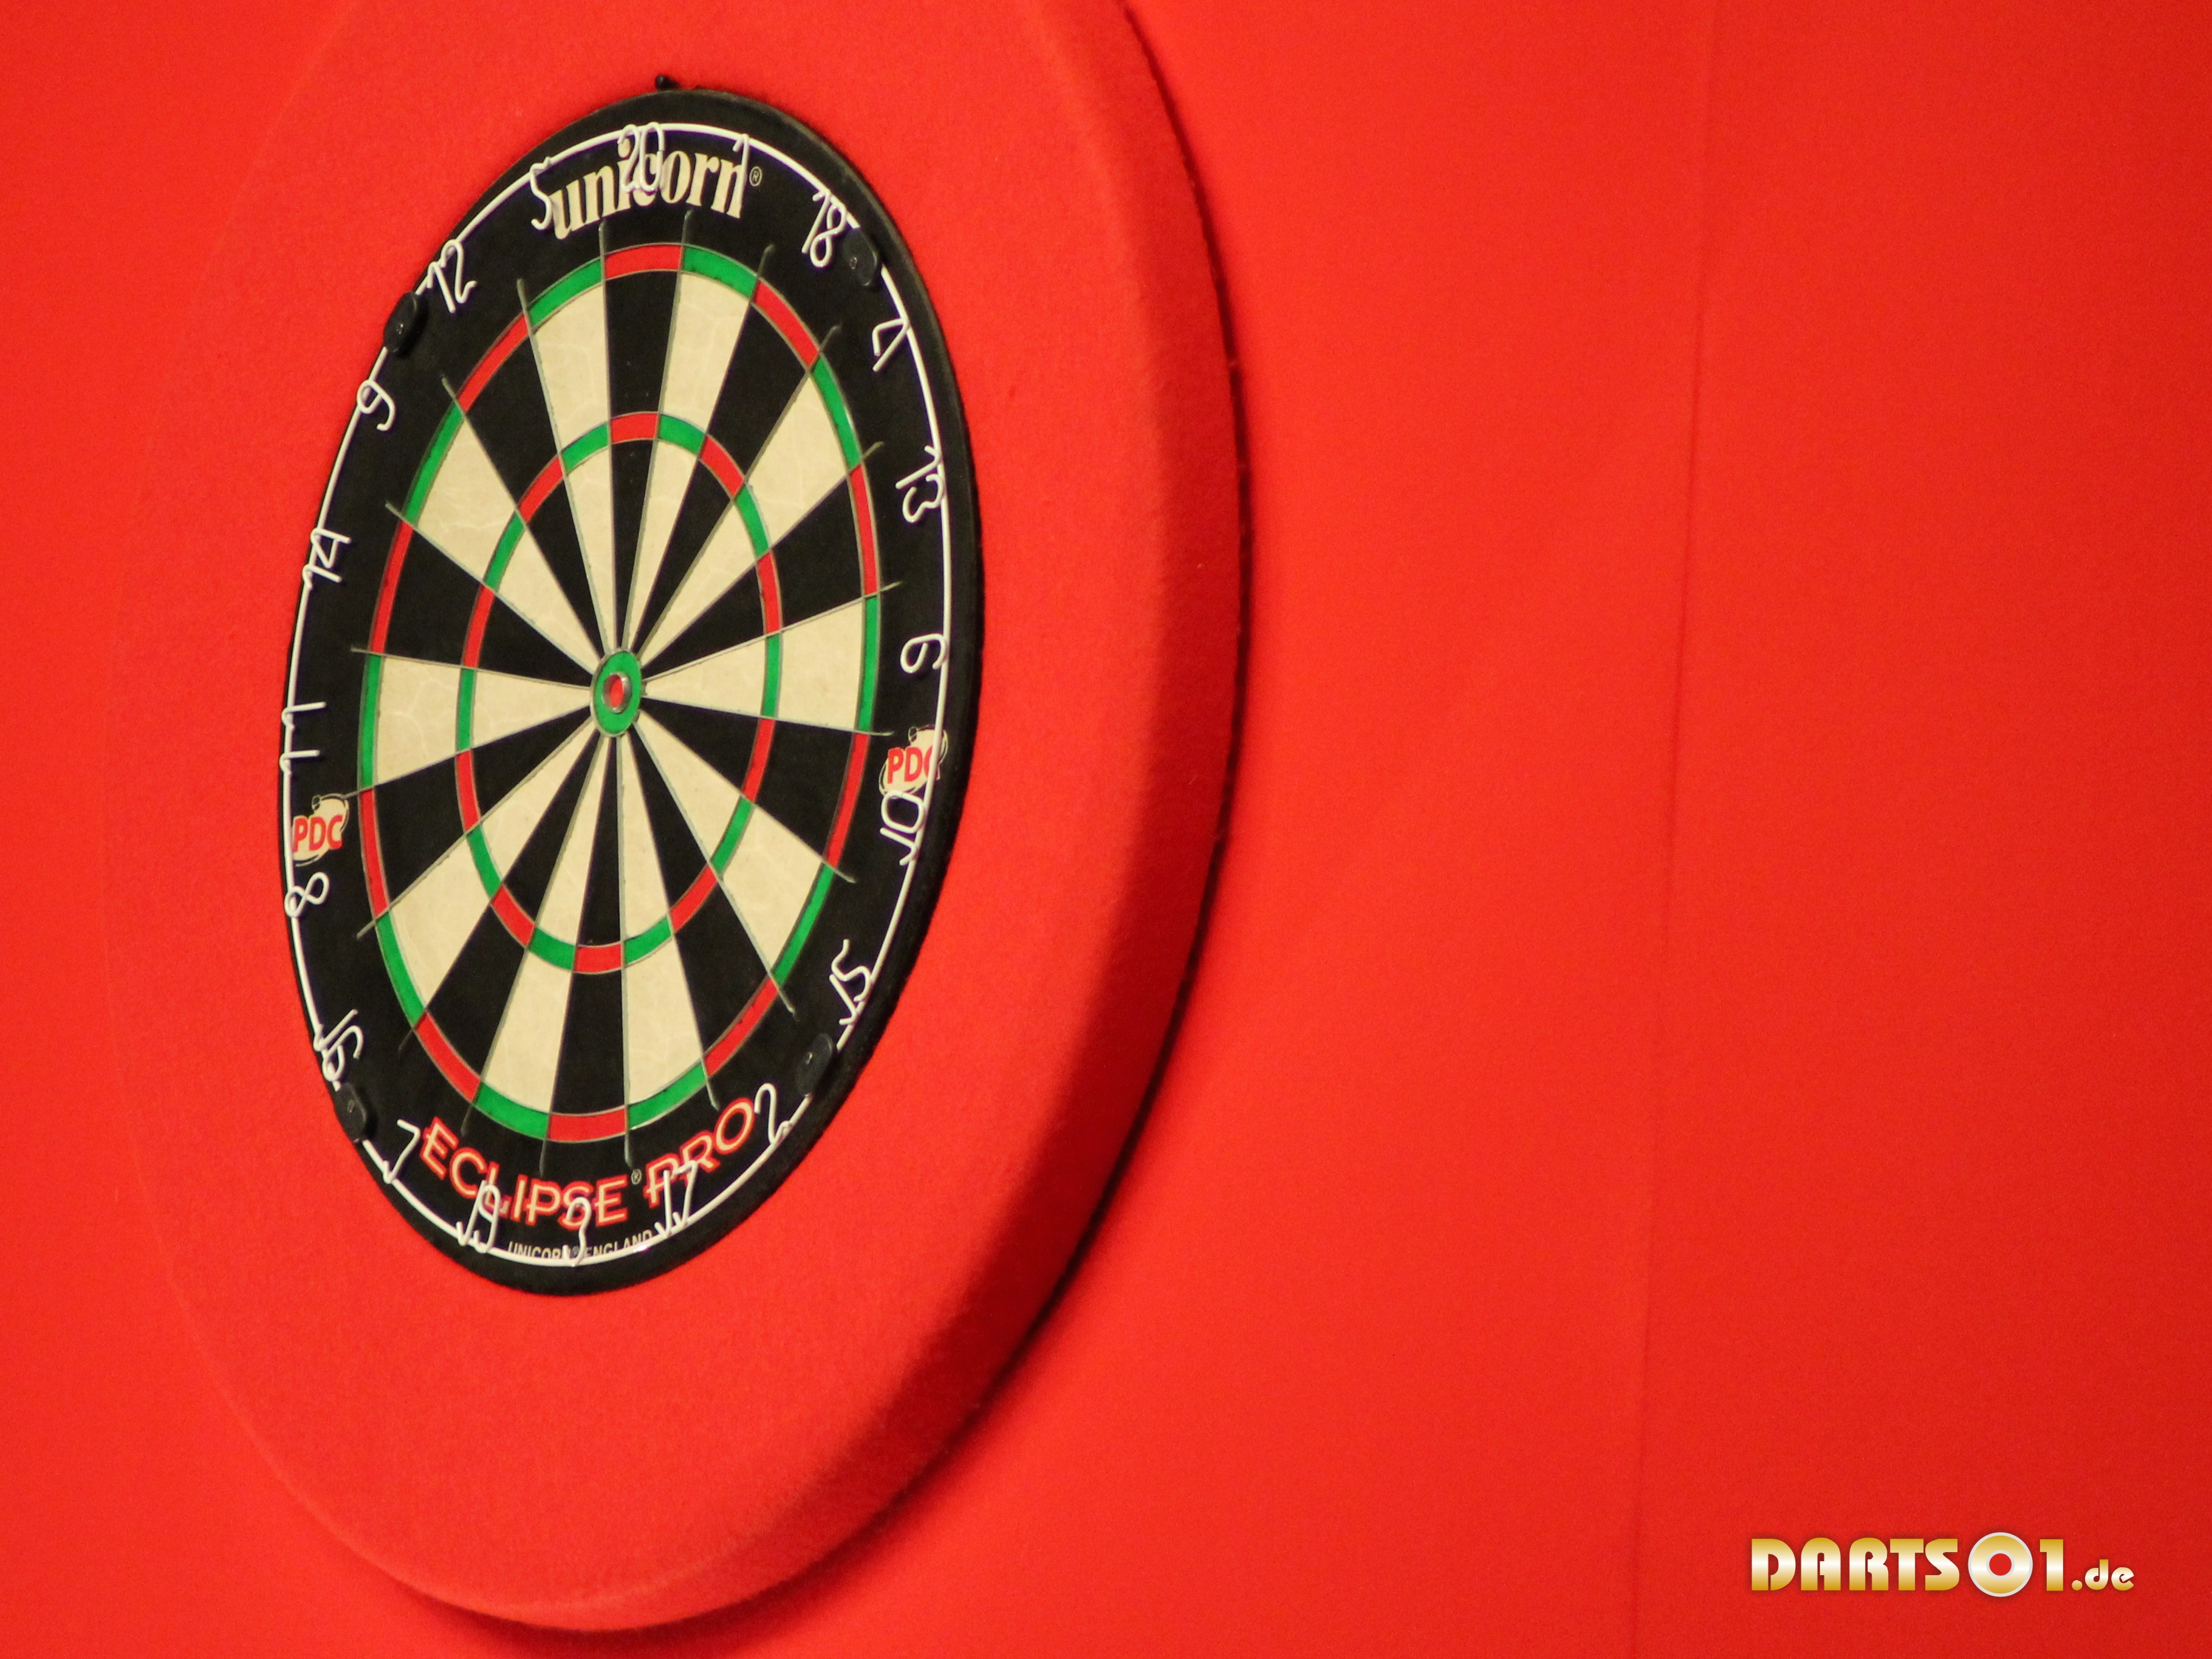 pdc dart ergebnisse